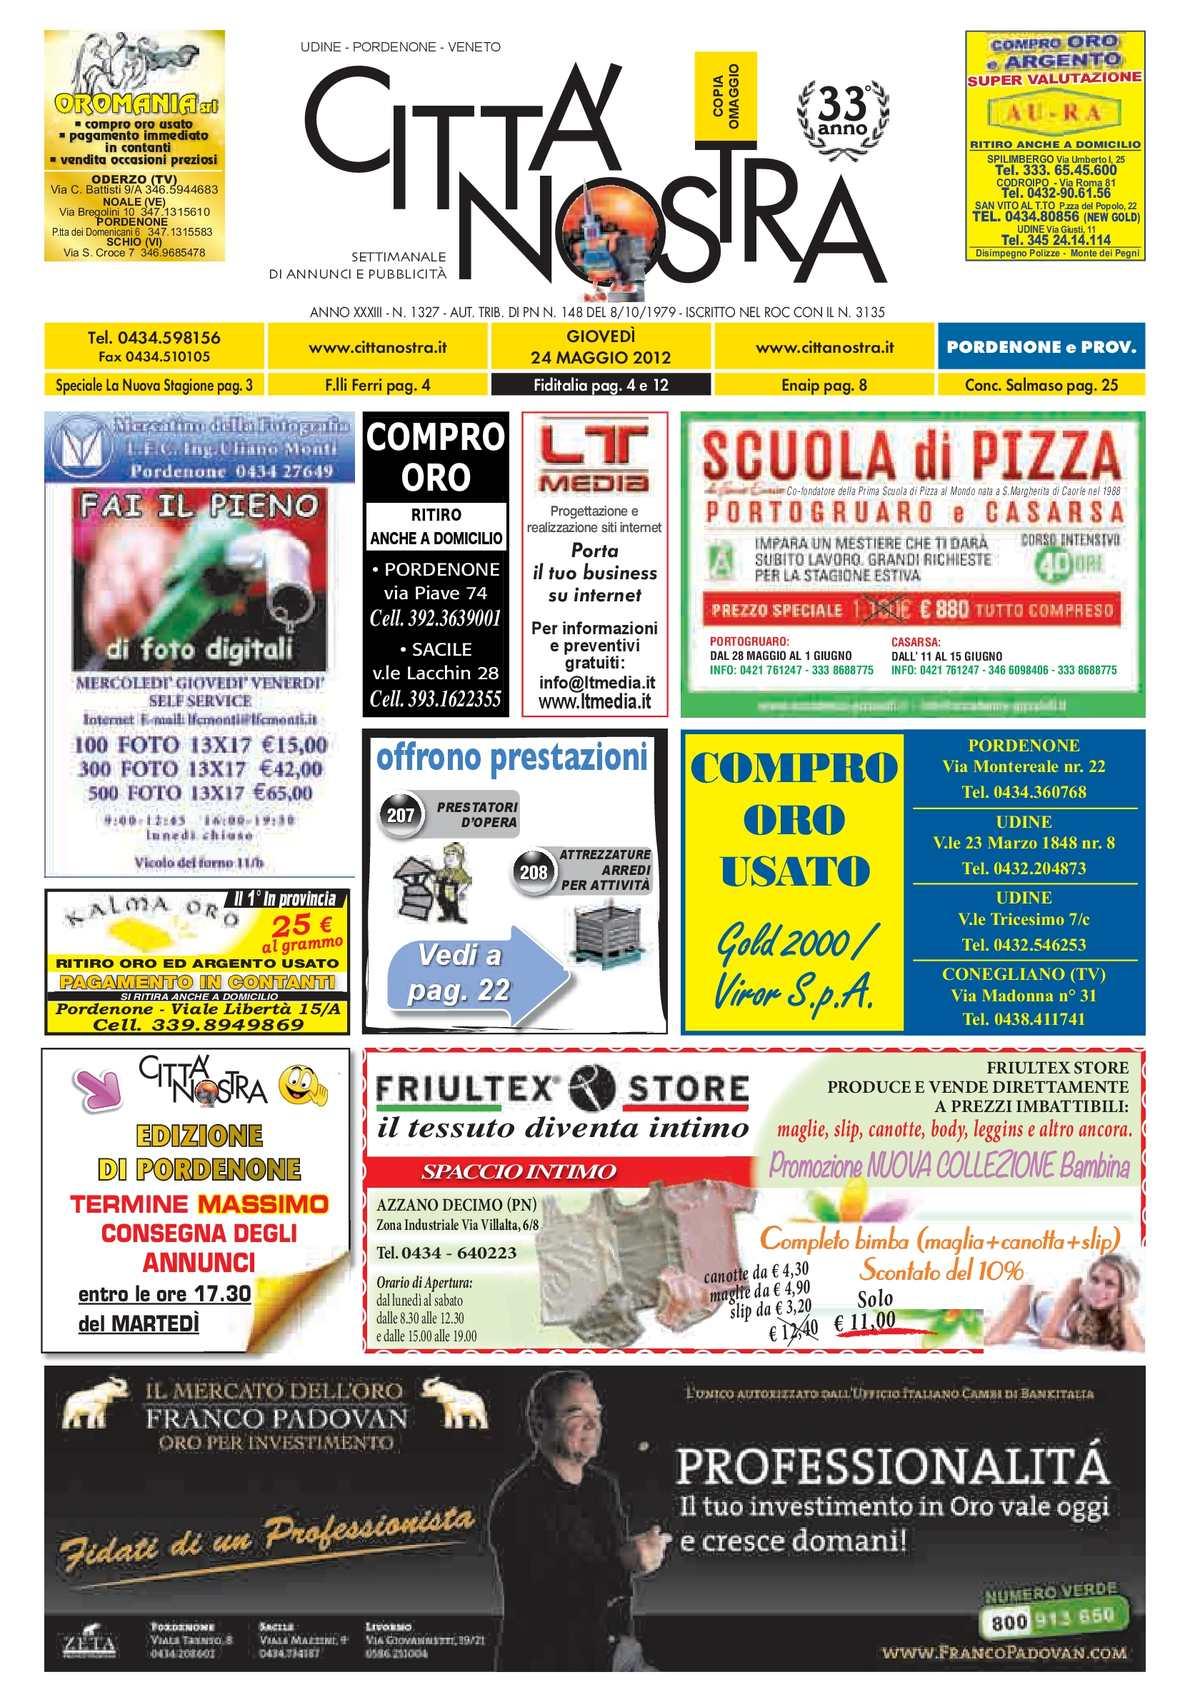 Calaméo Citt Nostra Pordenone Del 24 05 2012 N 1327